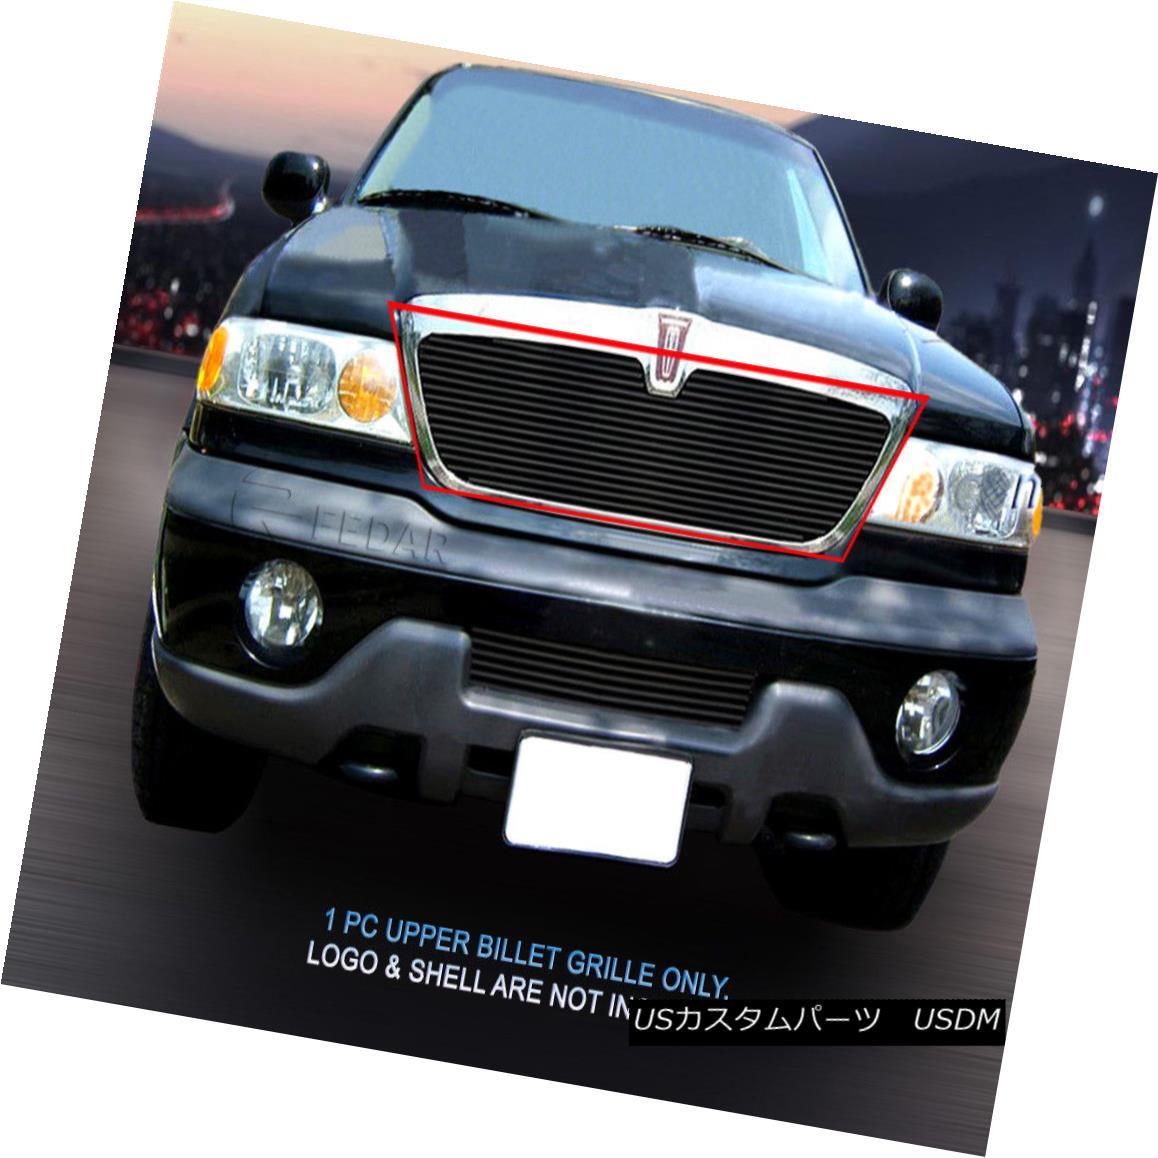 グリル 98-02 Lincoln Navigator Black Billet Grille Grill Upper Insert Fedar 98-02リンカーンナビゲーターブラックビレットグリルグリルアッパーインサートフェルダー